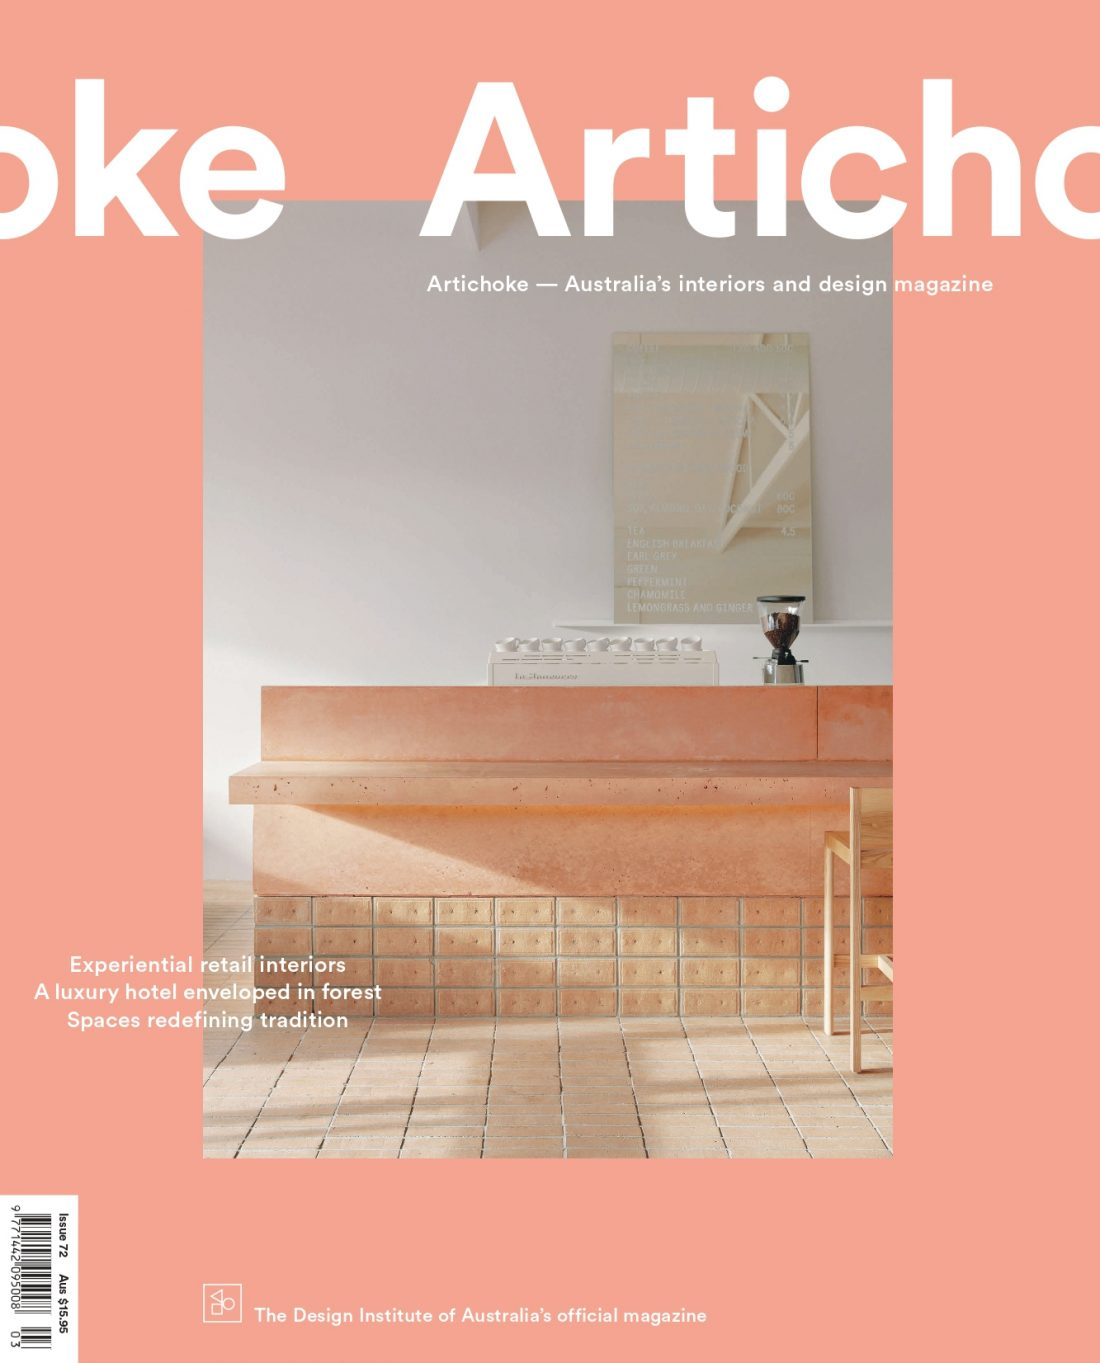 Artichoke - Celeste Pendant